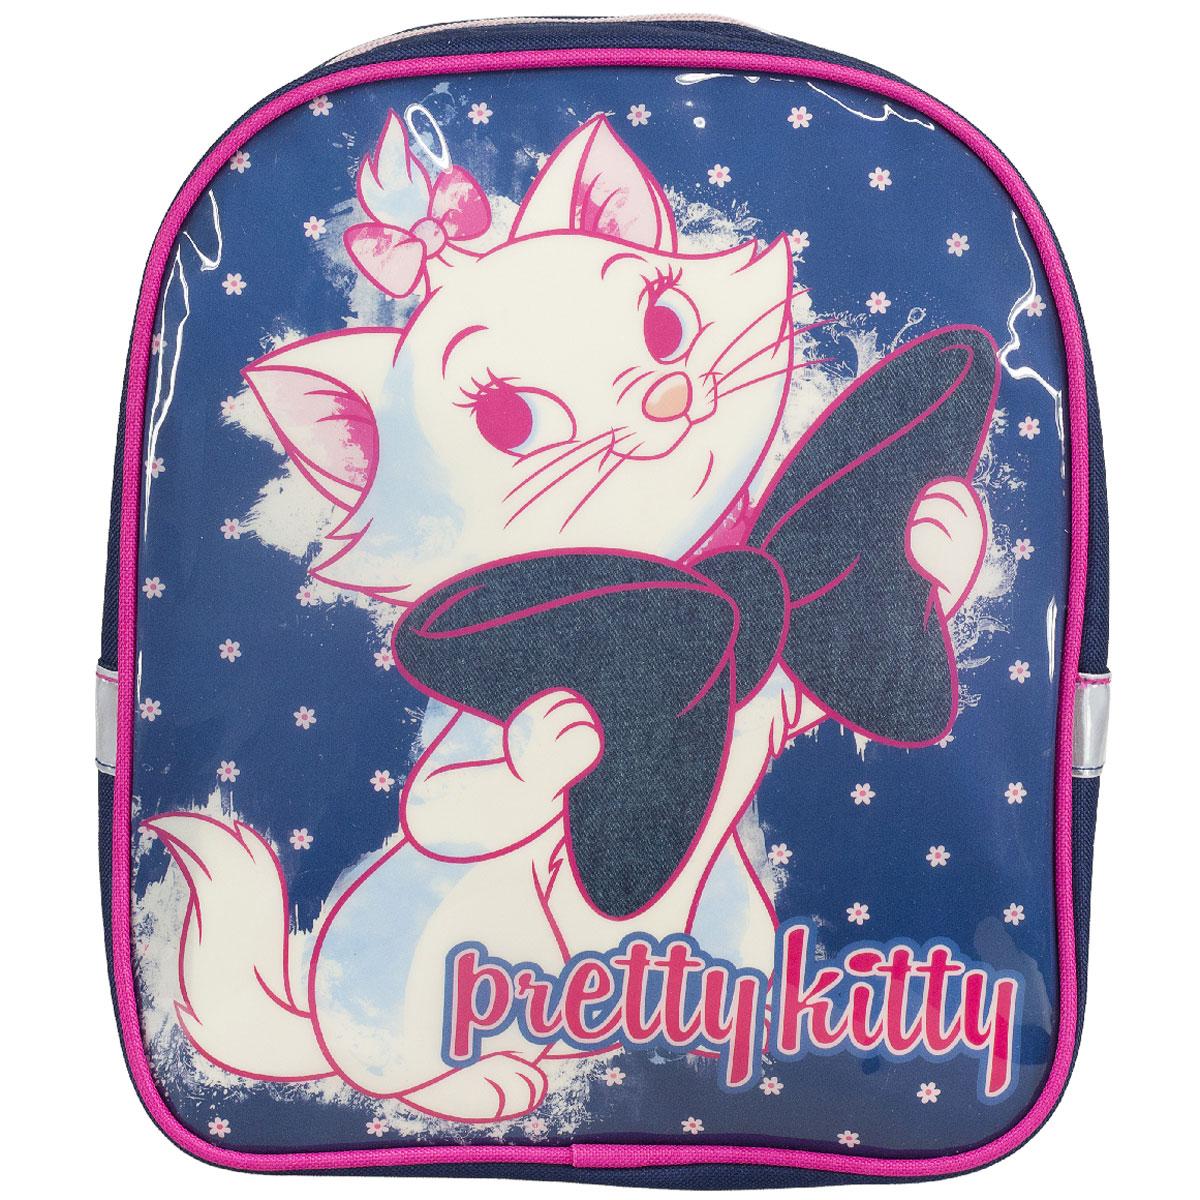 Рюкзак детский Marie Cat, цвет: темно-синий, розовый. MCCB-UT1-51172523WDДетский рюкзак Marie Cat - это незаменимая вещь для прогулок и повседневных дел, в нем можно разместить самые важные вещи. Пусть у вашего ребенка тоже будет свой собственный рюкзак. Выполнен из прочных и безопасных материалов. Передняя панель украшена ярким изображением милой кошечки с бантиком. У модели одновместительное отделение на застежке-молнии. Широкие лямки можно свободно регулировать по длине в зависимости от роста ребенка. Рюкзак оснащен текстильной ручкой для переноски в руке. Светоотражающие элементы обеспечивают безопасность в темное время сутокРекомендуемый возраст: от 7 лет.